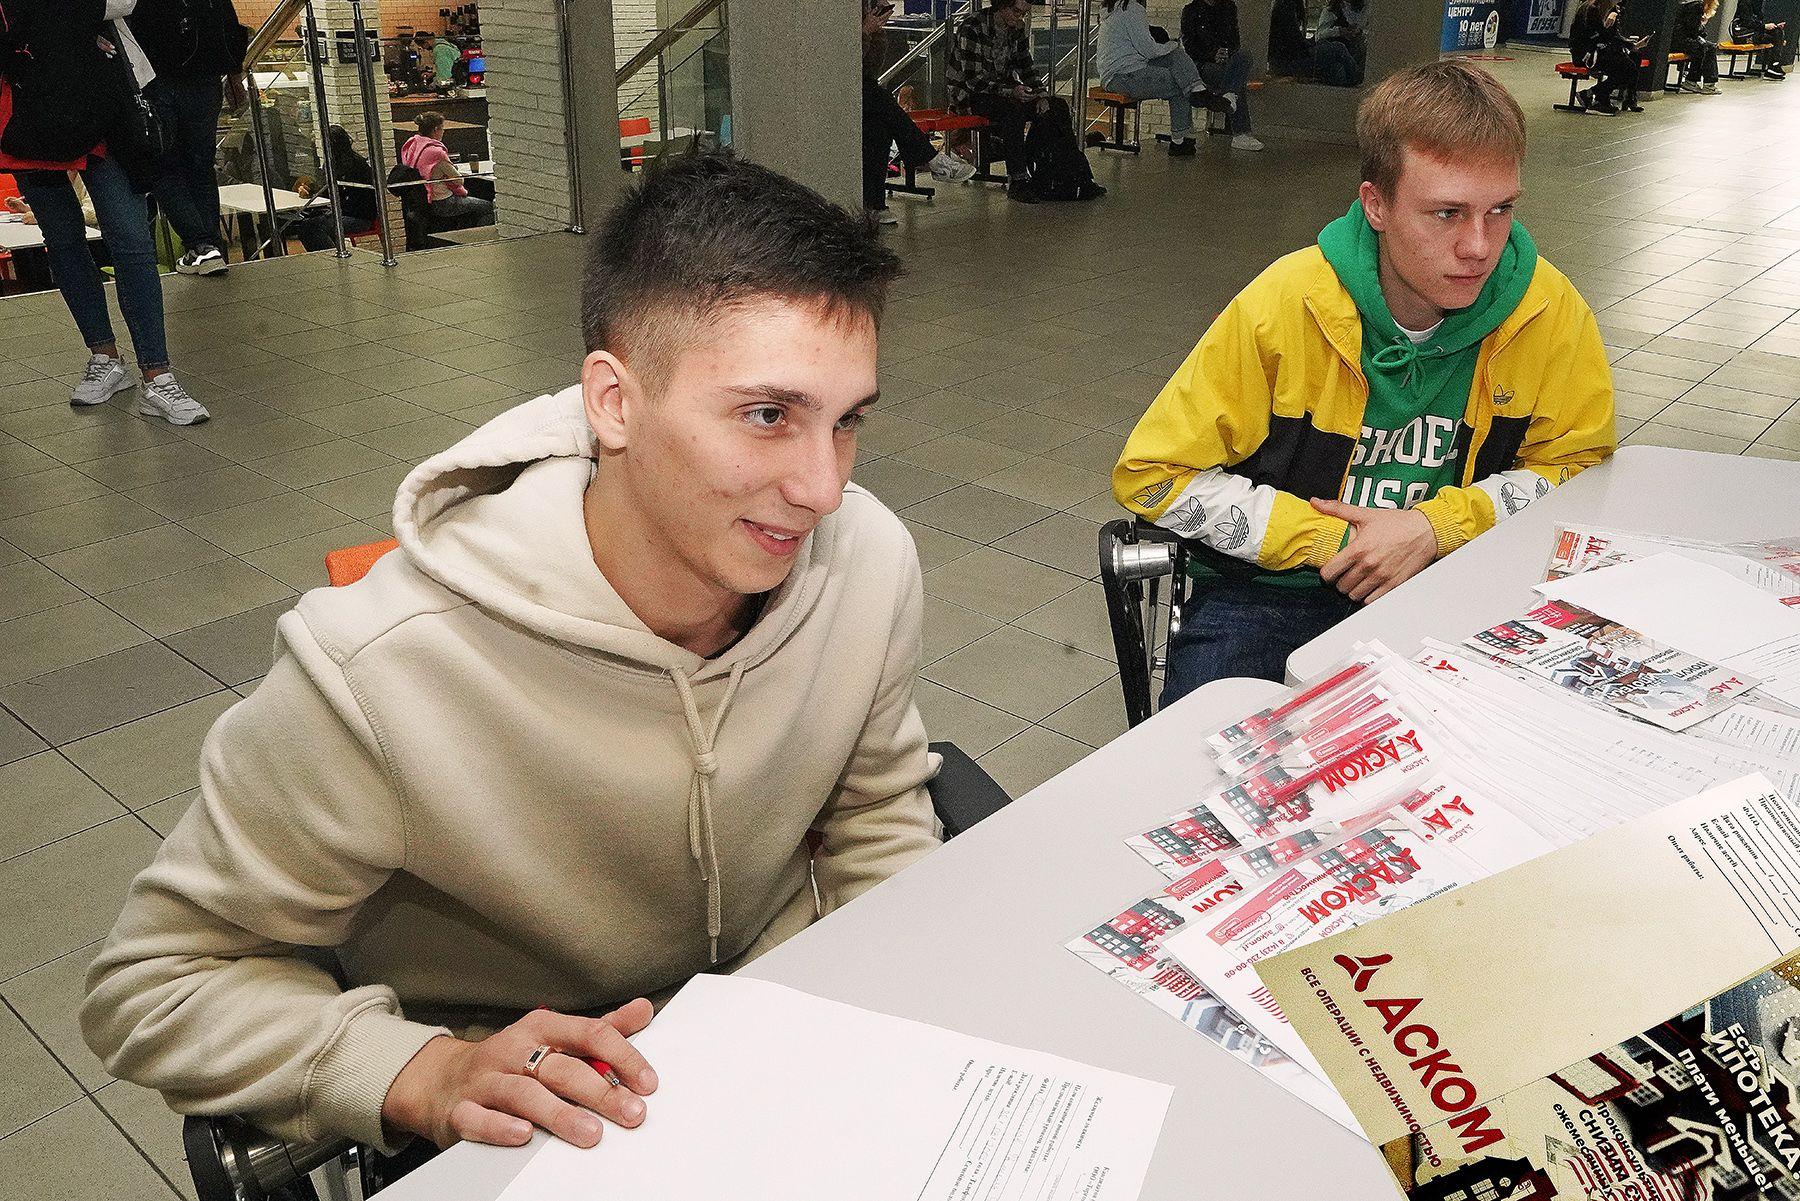 Студенты ВГУЭС выбирают карьерный путь на площадке университета